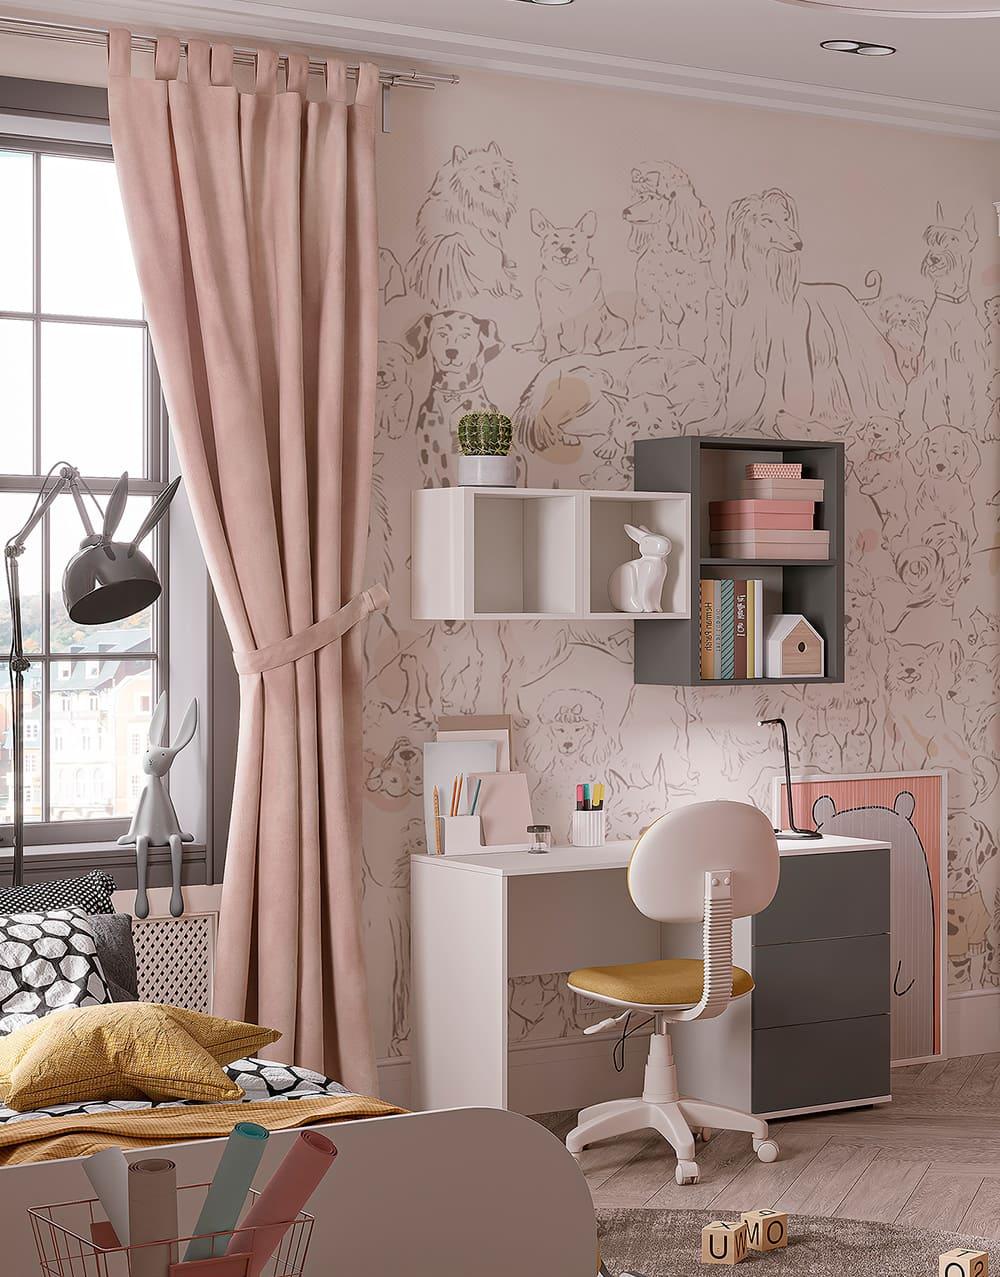 chambre d'enfant design photo 18